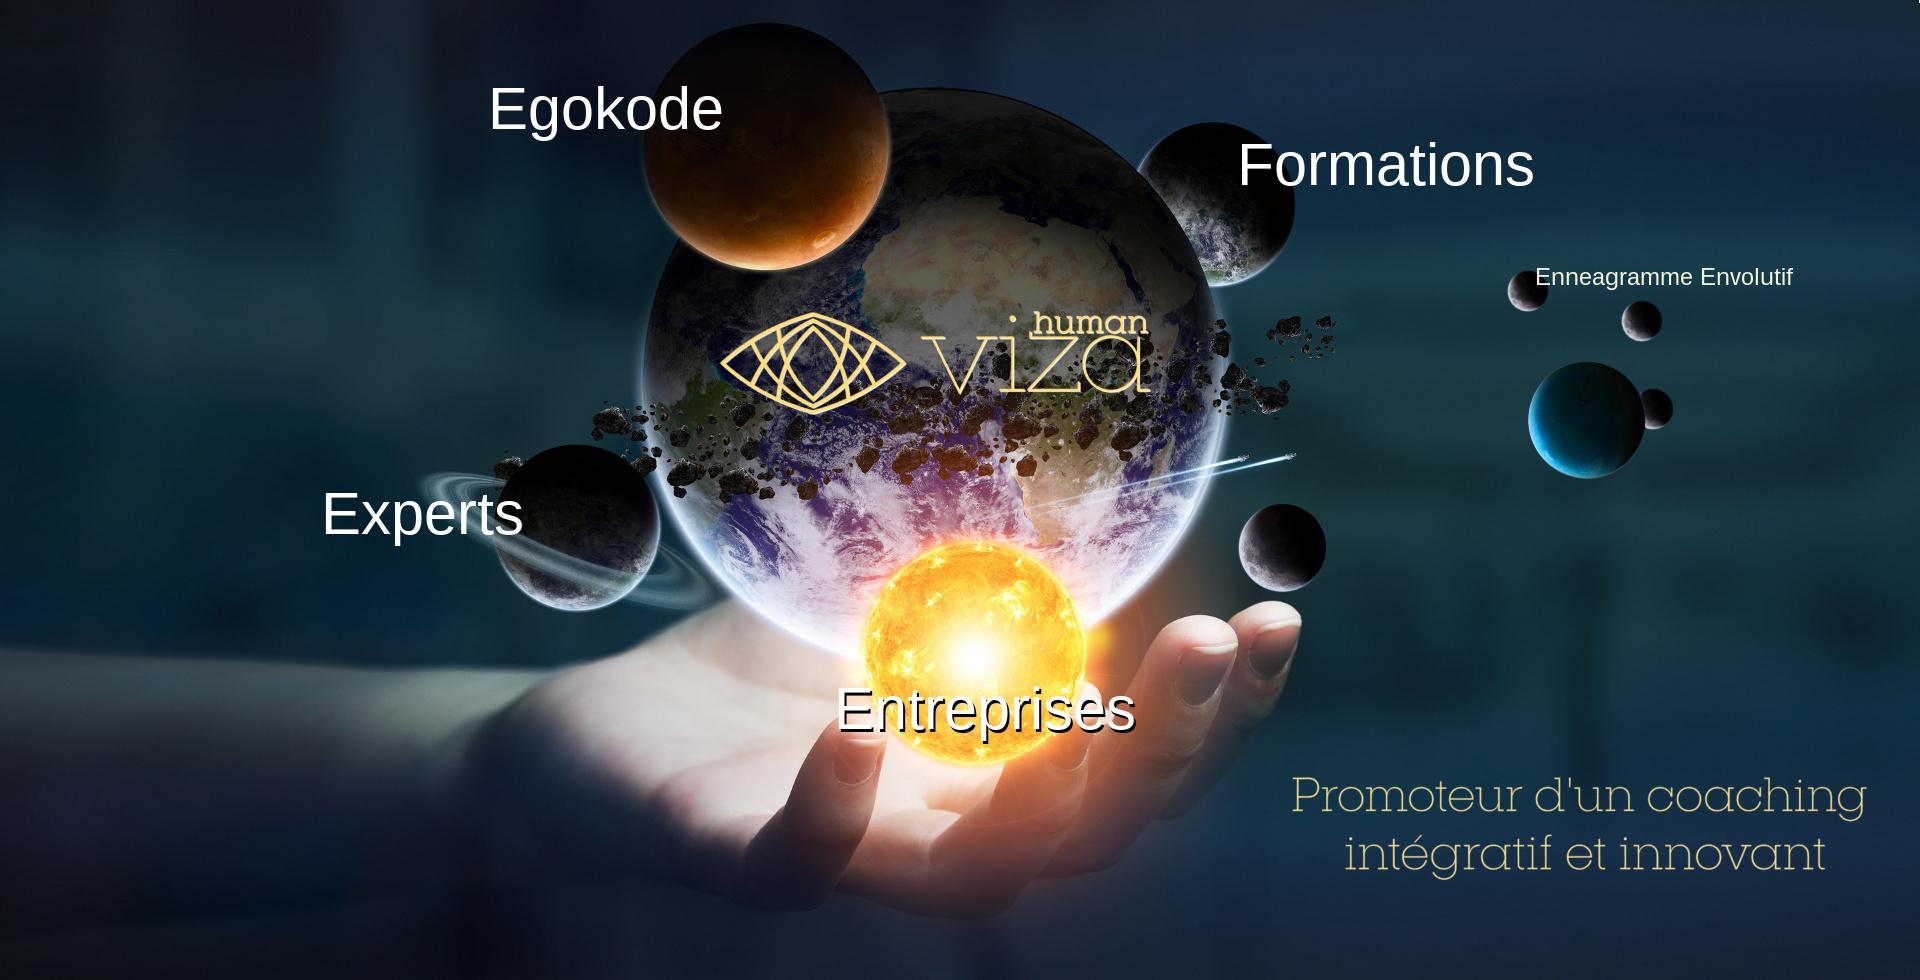 Human ViZa, promoteur d'un coaching intégratif et innovant